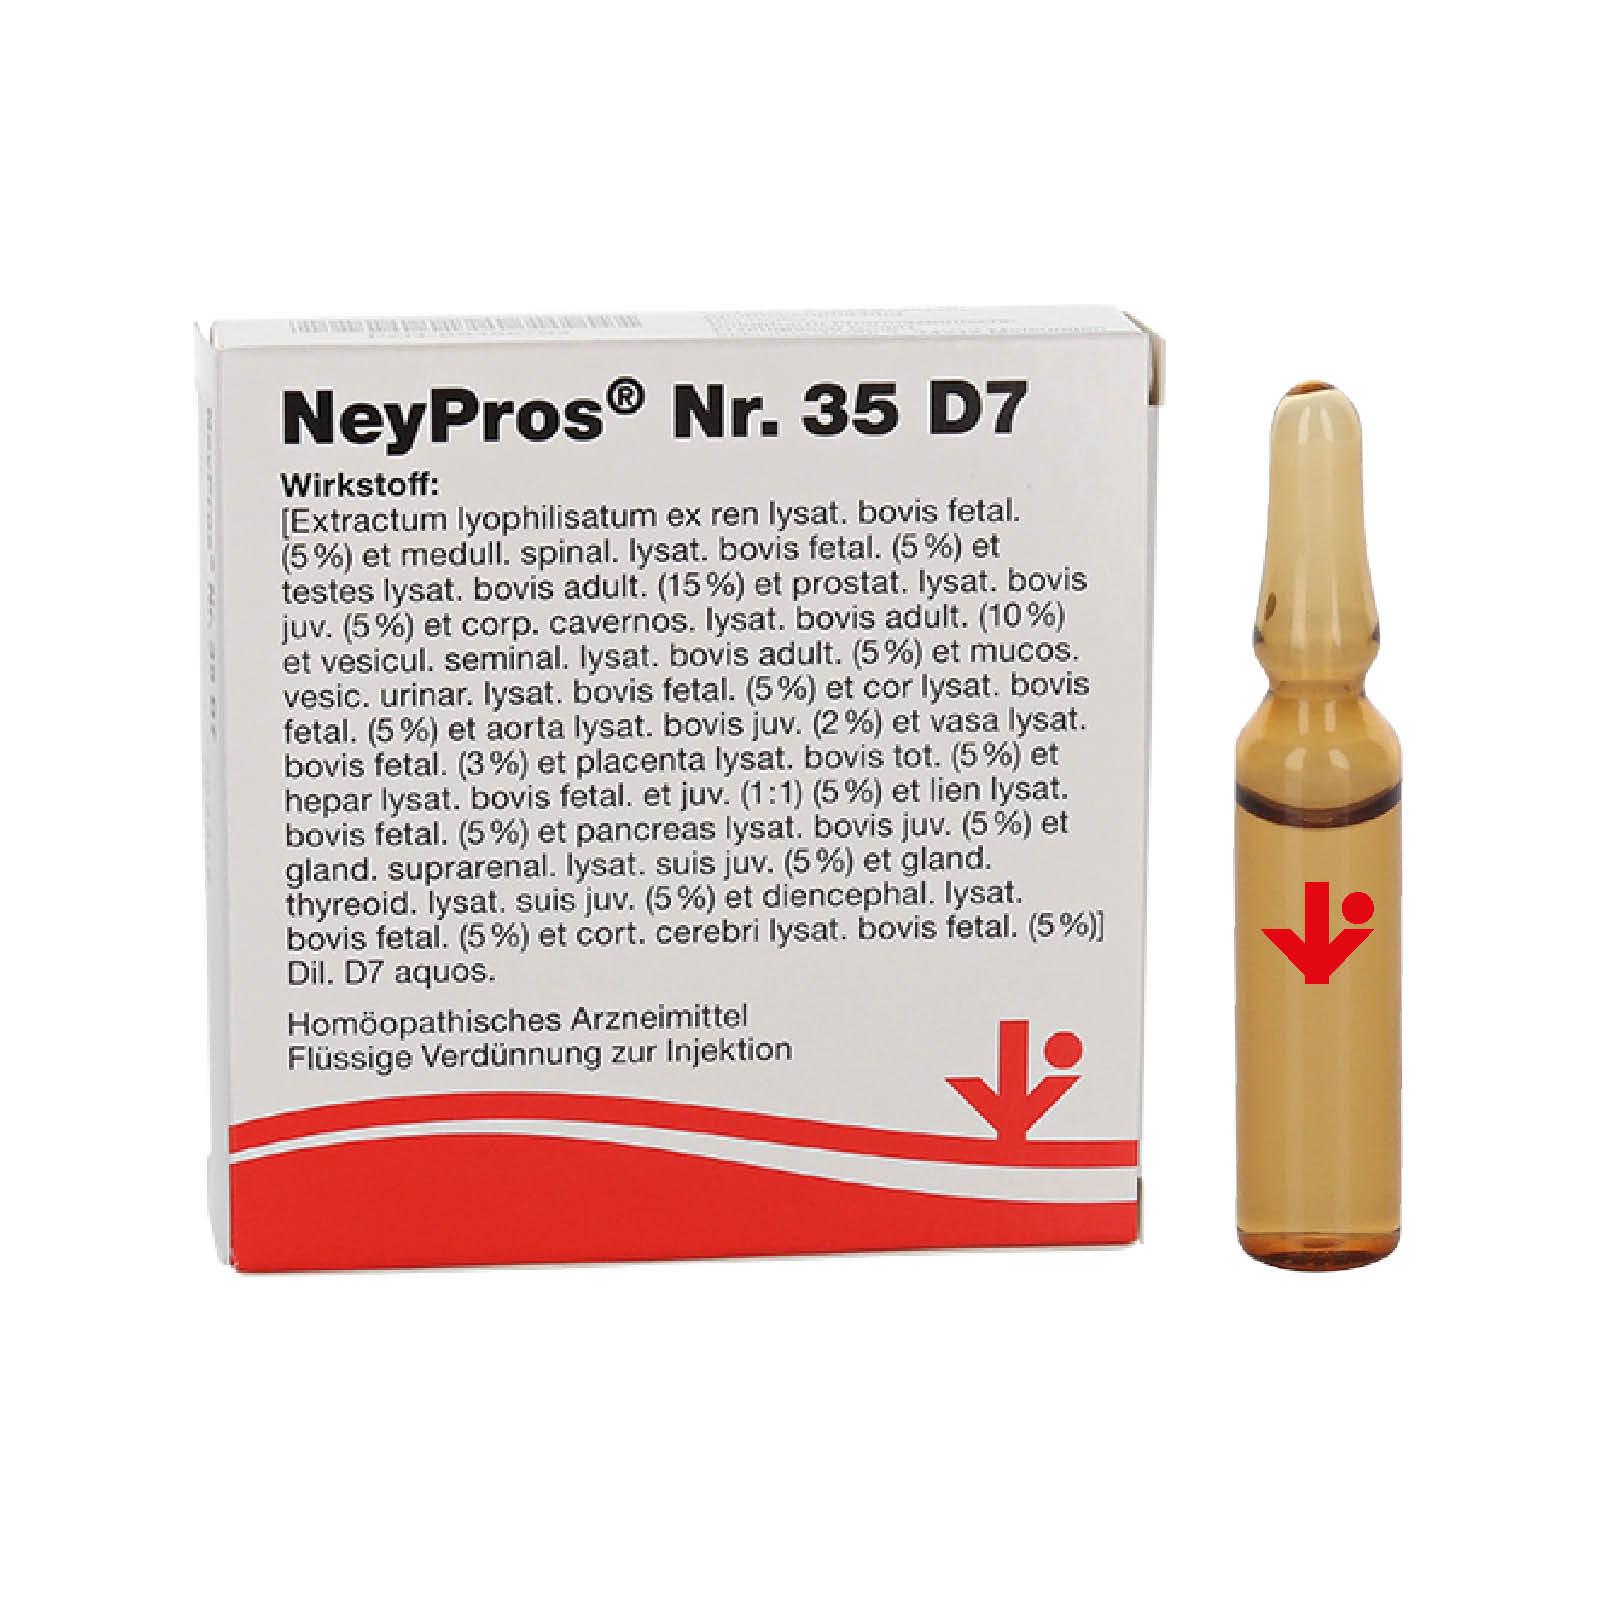 NeyPros® Nr. 35 D7 (früher NeyMan® genannt)